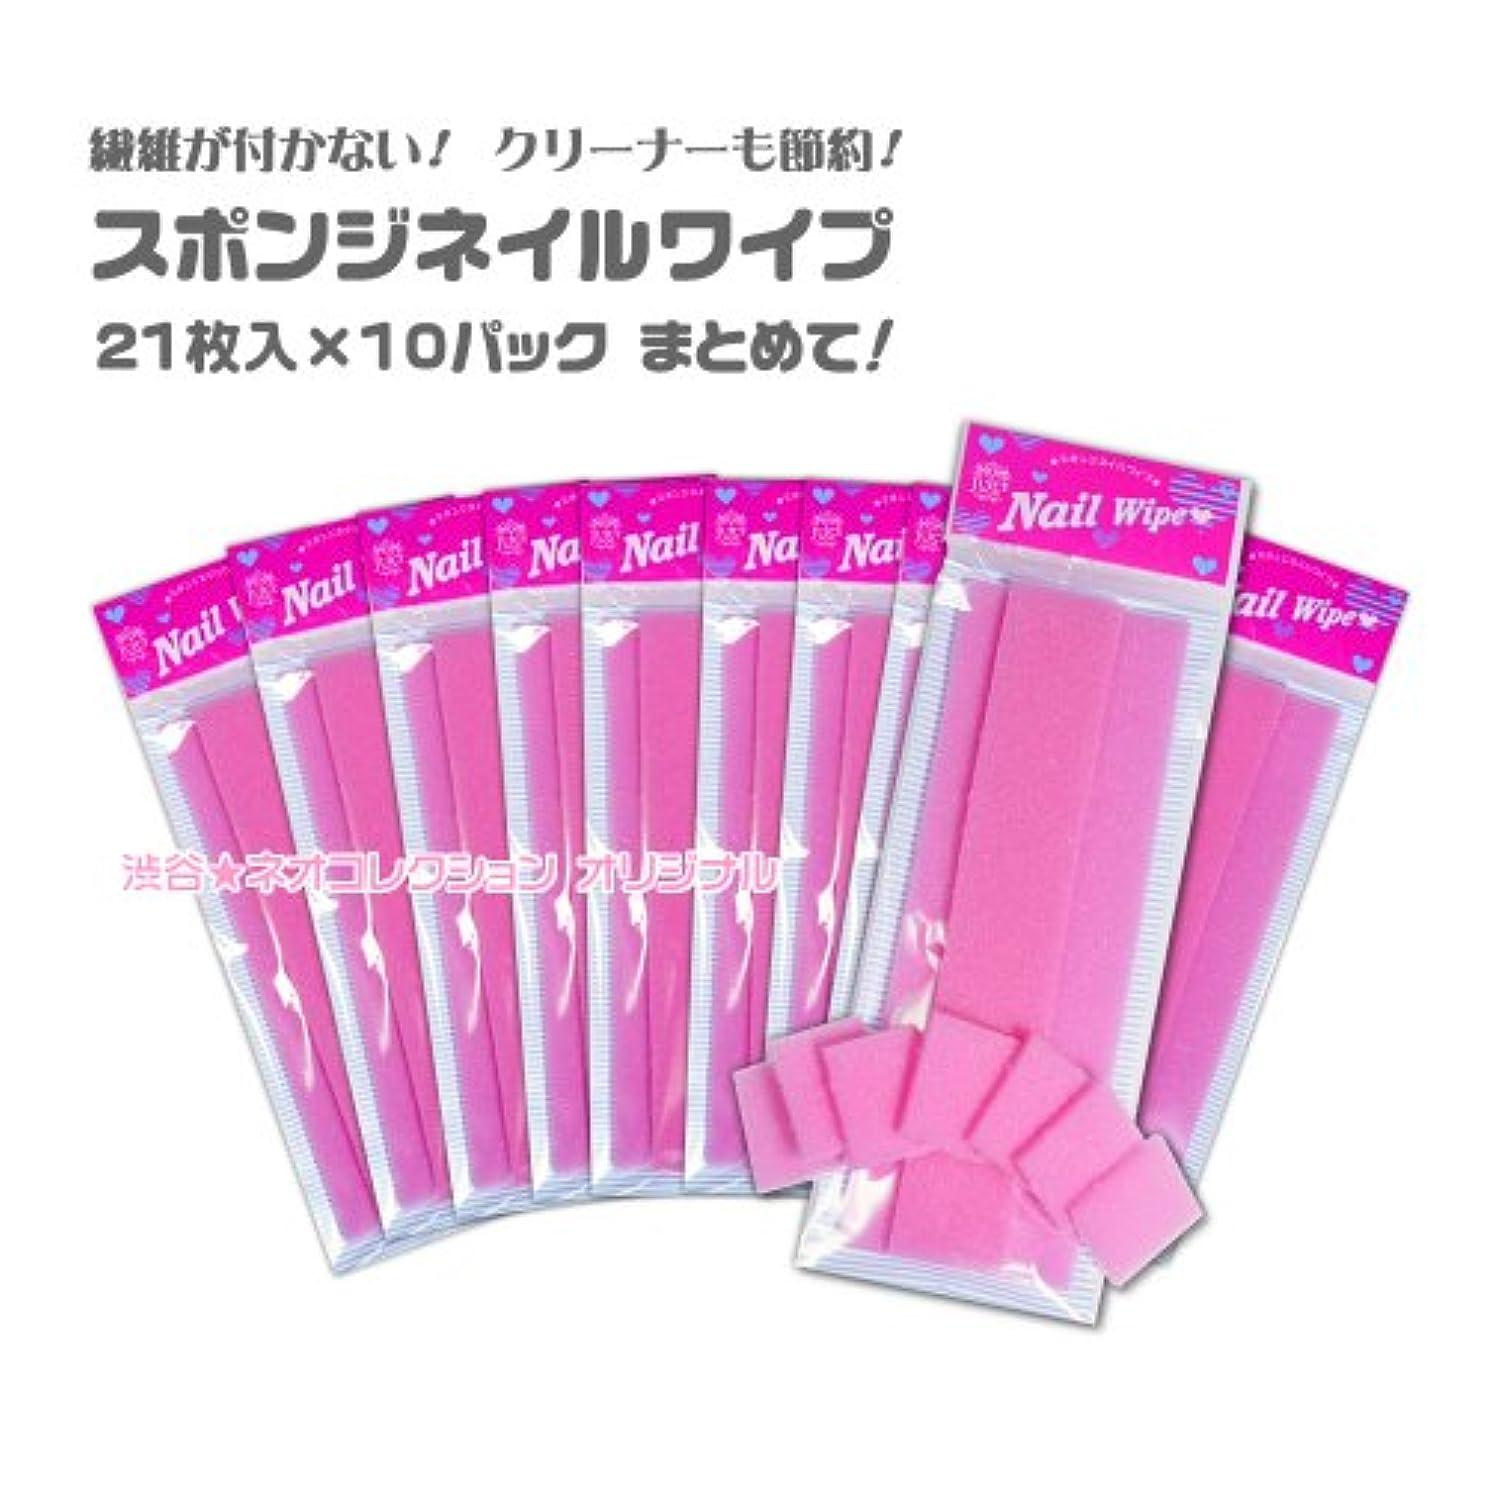 未硬化ジェルの拭き取りに ネイルワイプ 21枚×10パック スポンジワイプジェルクリーナーと一緒に使用